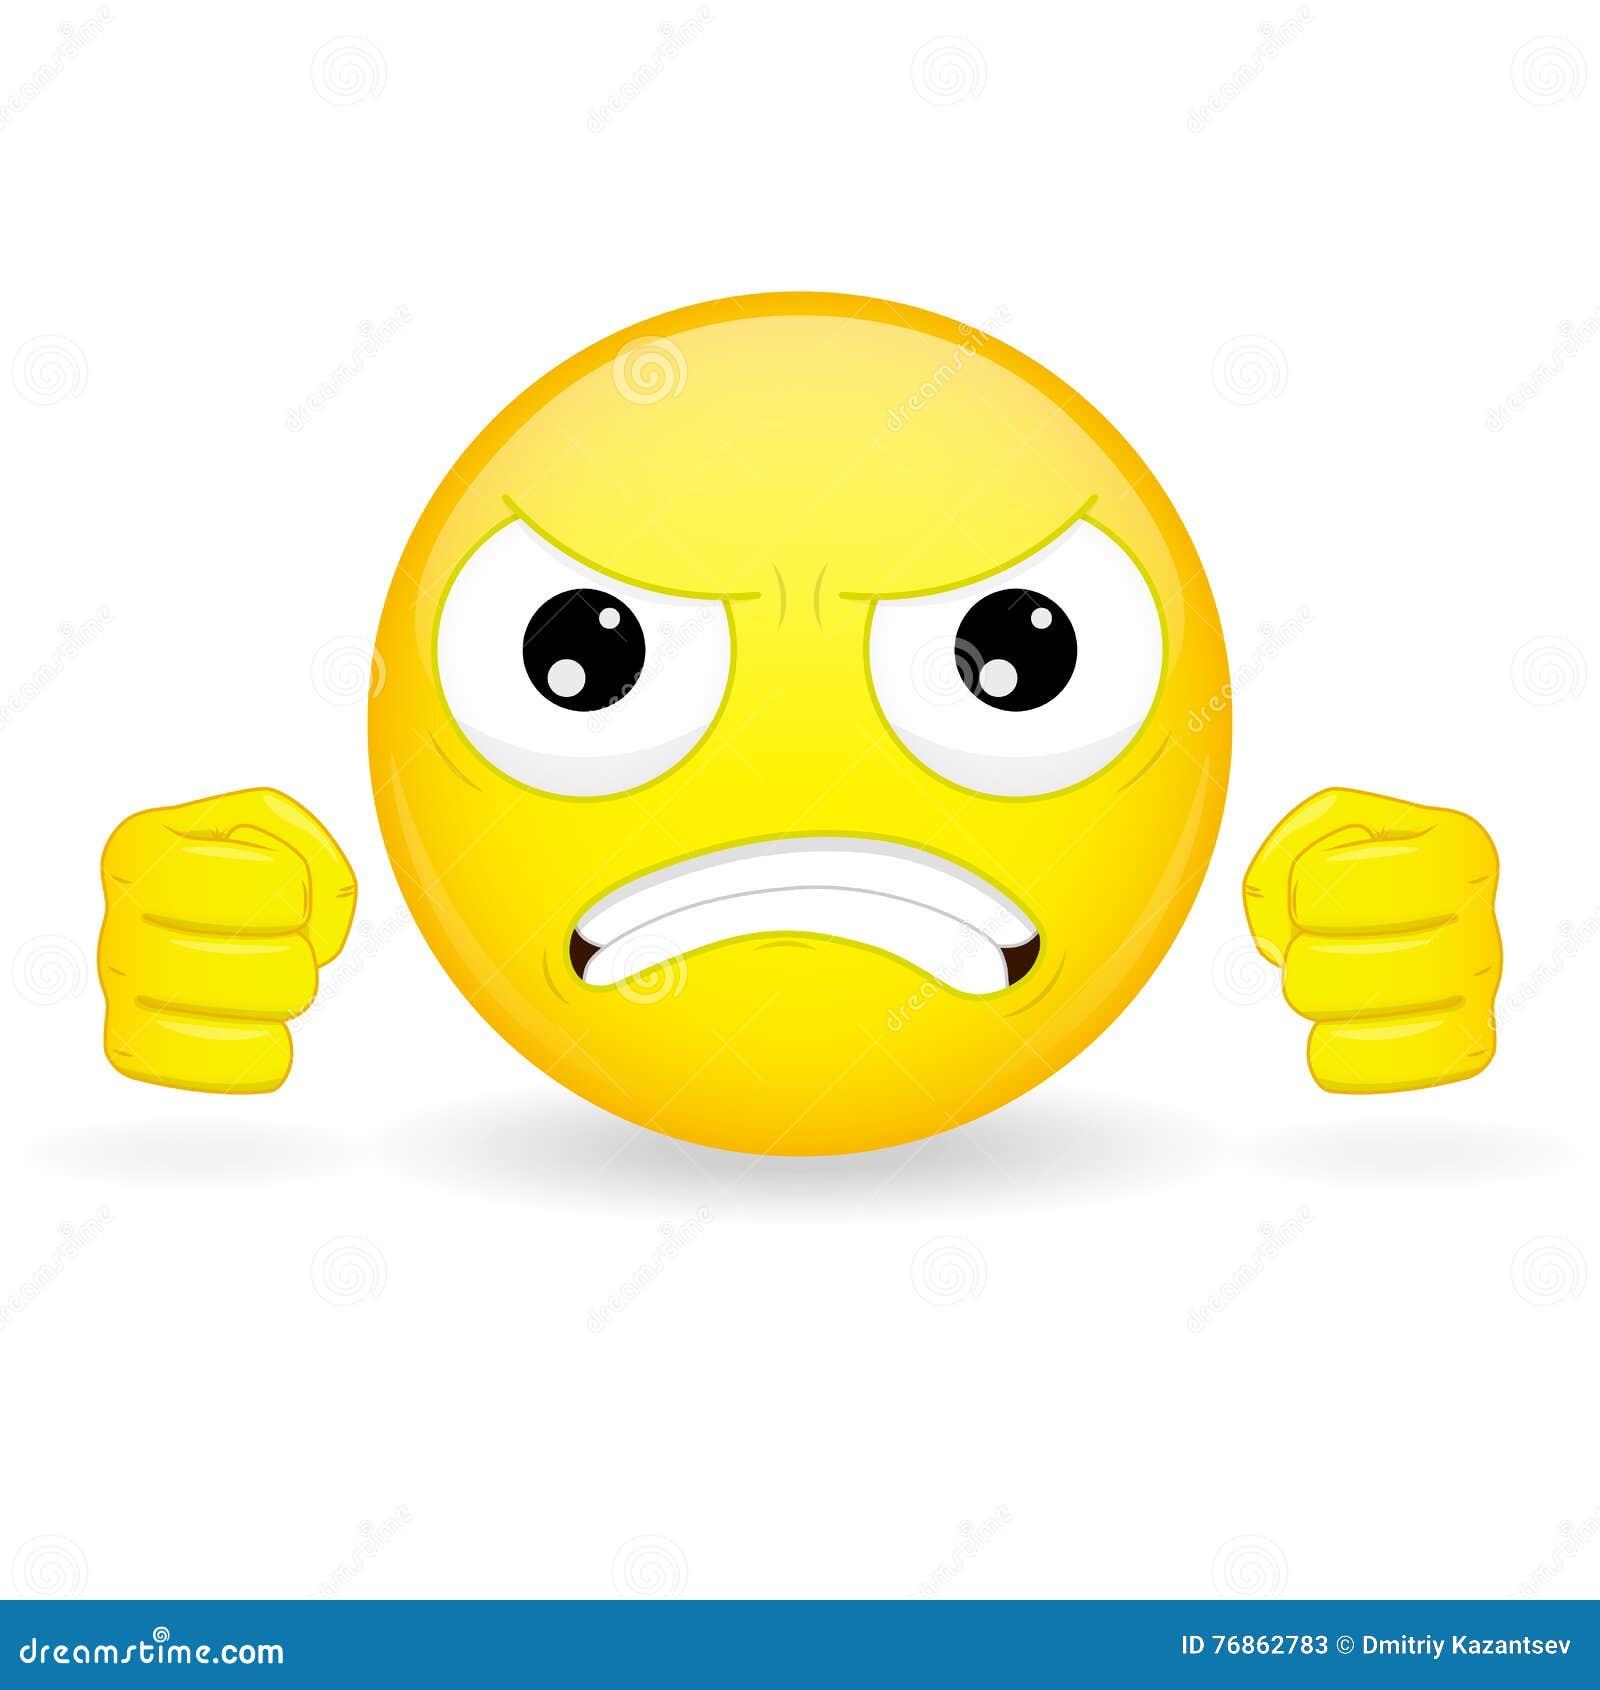 Emoticon gnieść pięści Gniewny emoticon Nikczemny emoticon Wściekły emoji Złości emocja Wektorowa ilustracyjna uśmiech ikona